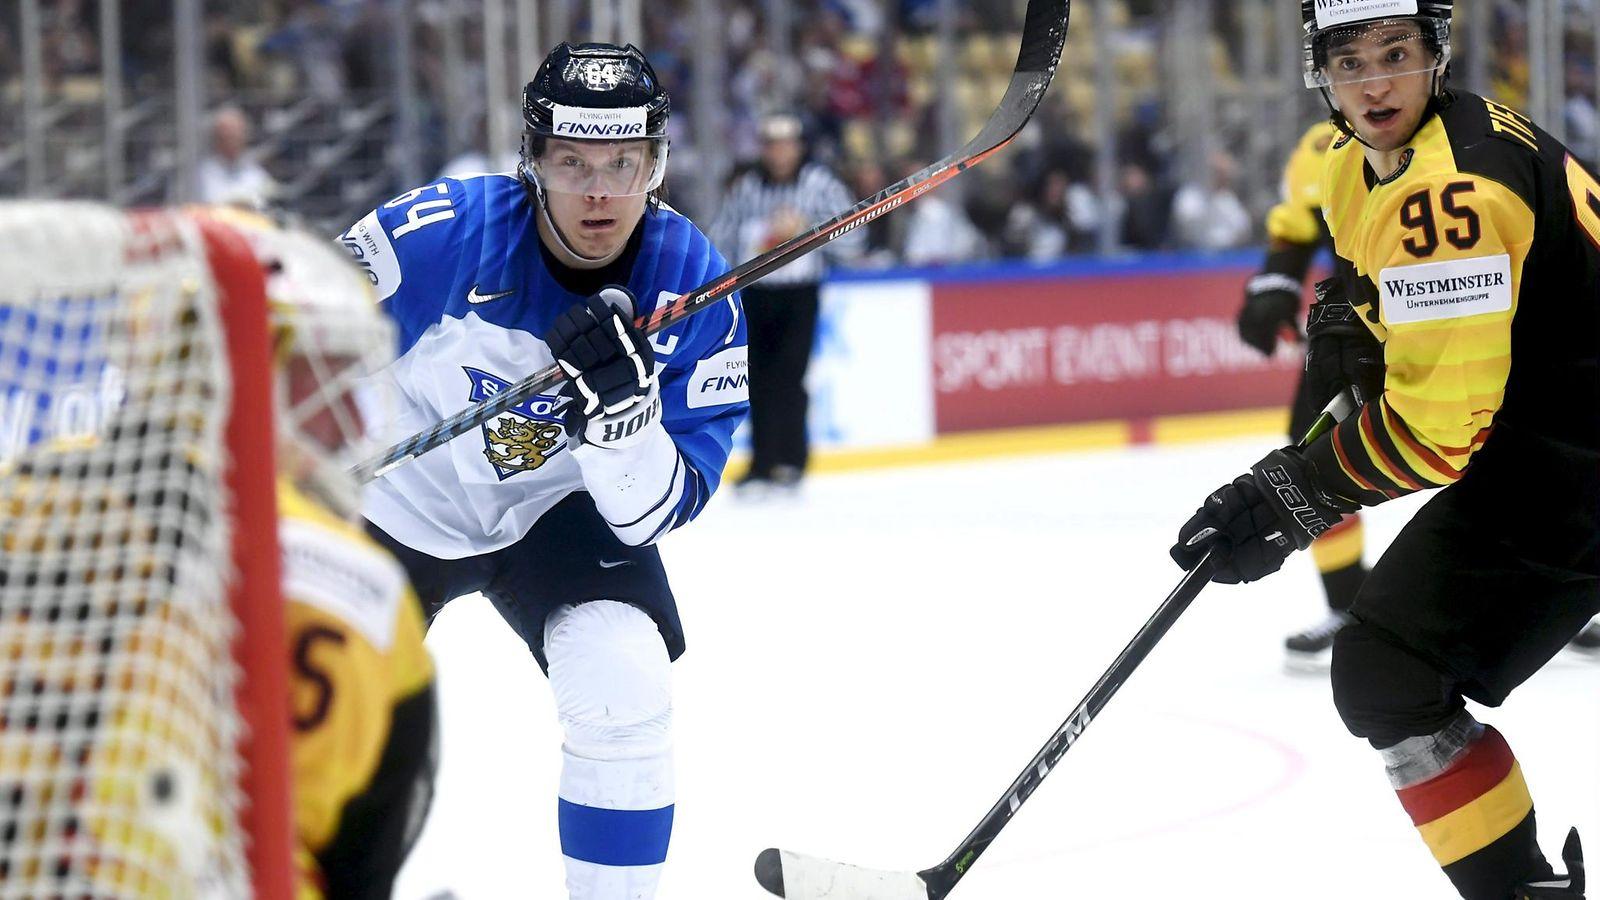 Leijonille takkiin Saksalta – lohkovoitto silti omissa käsissä! - MM-jääkiekko - Sport - MTV.fi